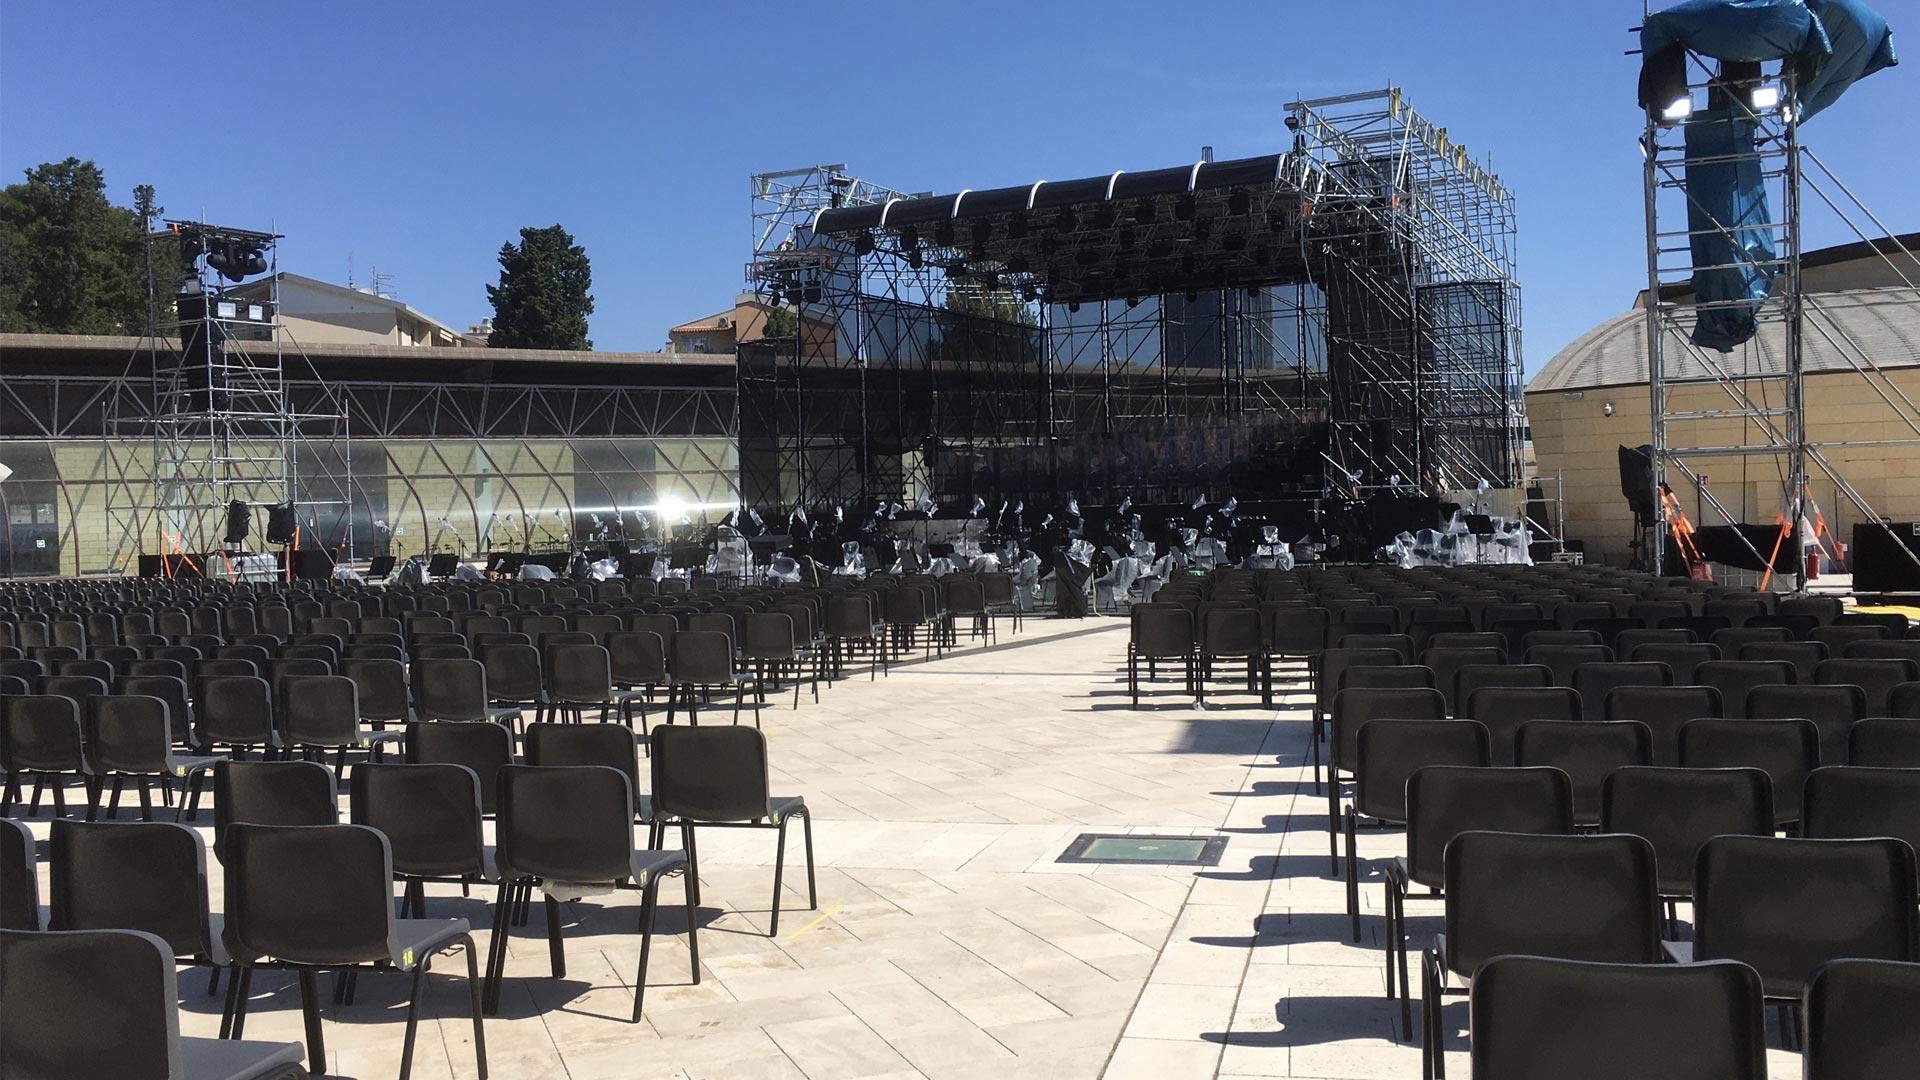 Arena Nazzari del Parco della Musica di Cagliari è una delle prestigiose location del Festival Jazz in Sardegna - European Jazz Expo 2021